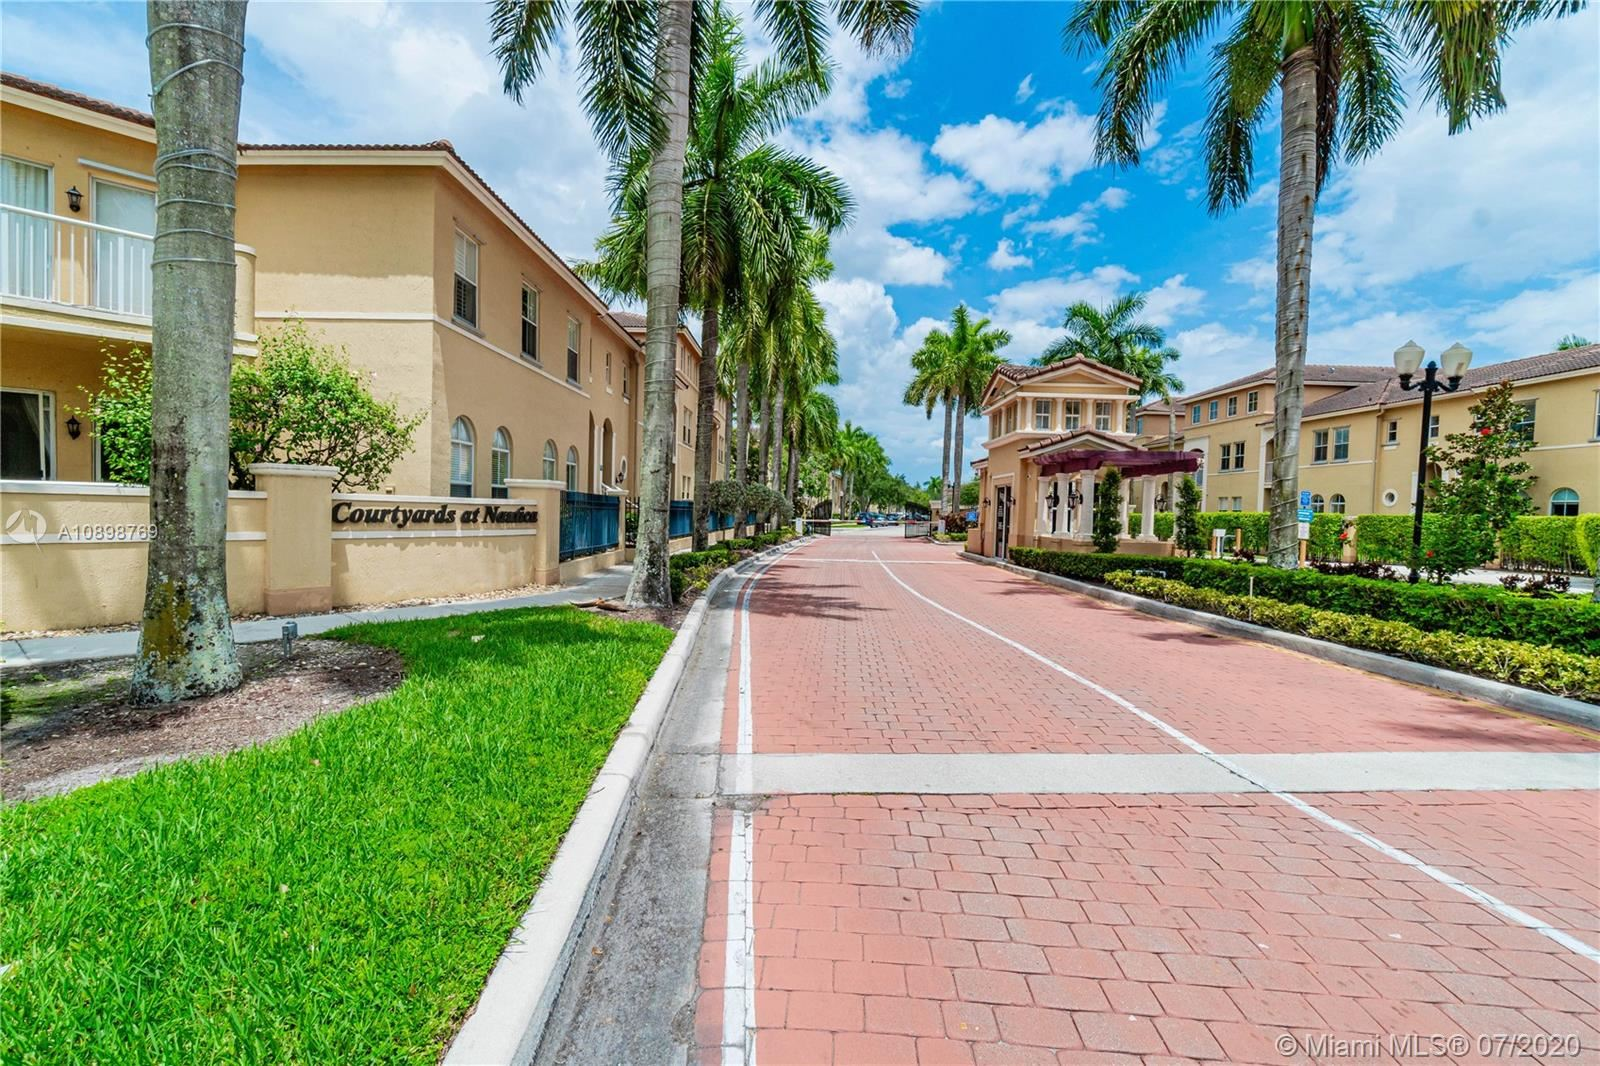 4435 SW 160th Ave #209, Miramar, FL 33027 - #: A10898769